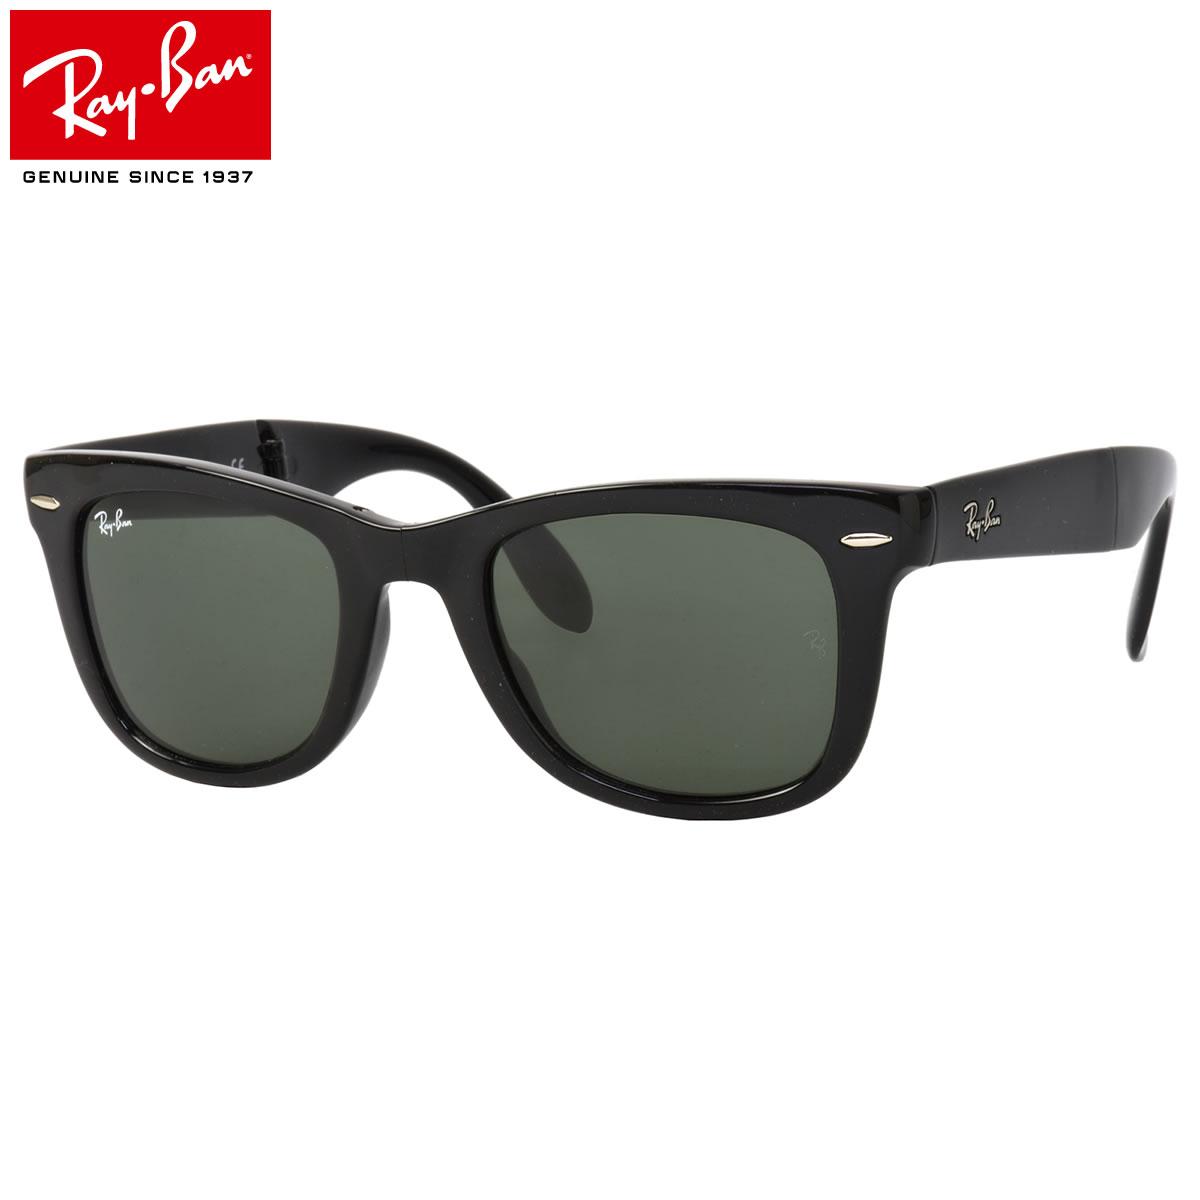 f3b3e3402c82a Ray-Ban sunglasses way Farrar folding Ray-Ban RB4105 601 50 size RAYBAN  WAYFARER FOLDING folding men gap Dis